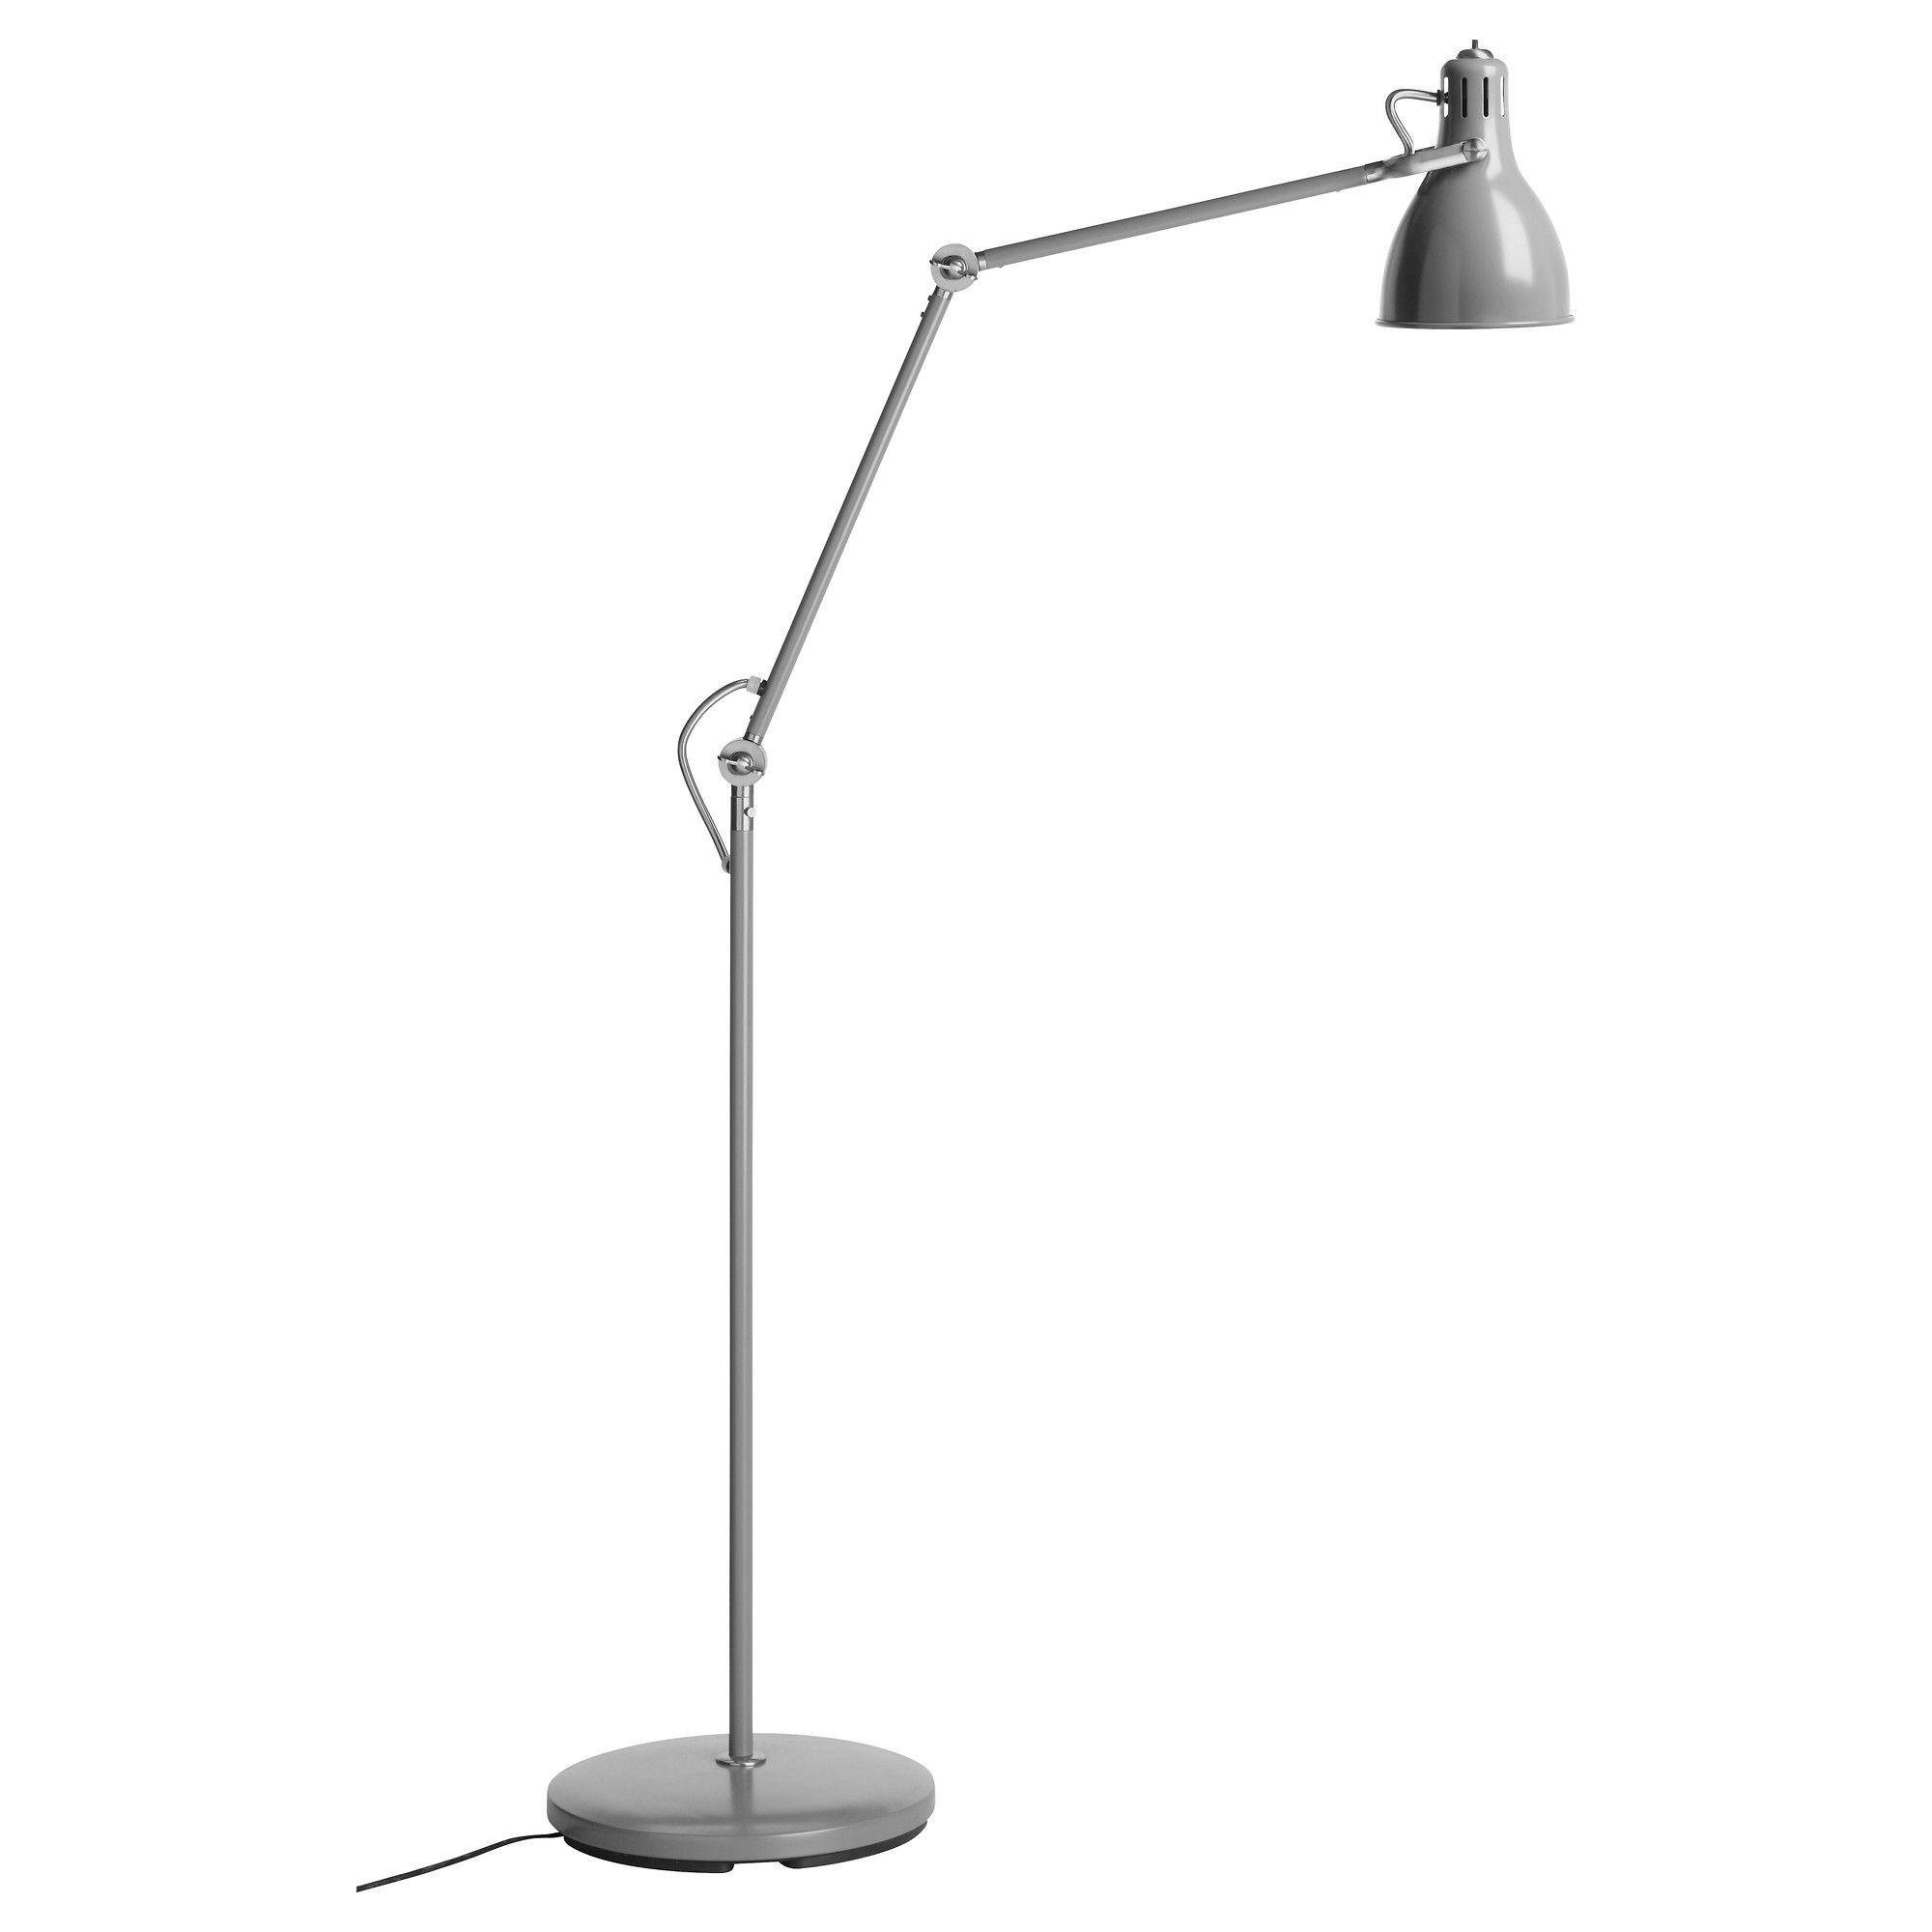 Full Size of Ikea Bogenlampe Stehlampe Regolit Hack Anleitung Bogenlampen Sofa Mit Schlaffunktion Küche Kosten Betten 160x200 Bei Miniküche Kaufen Esstisch Modulküche Wohnzimmer Ikea Bogenlampe